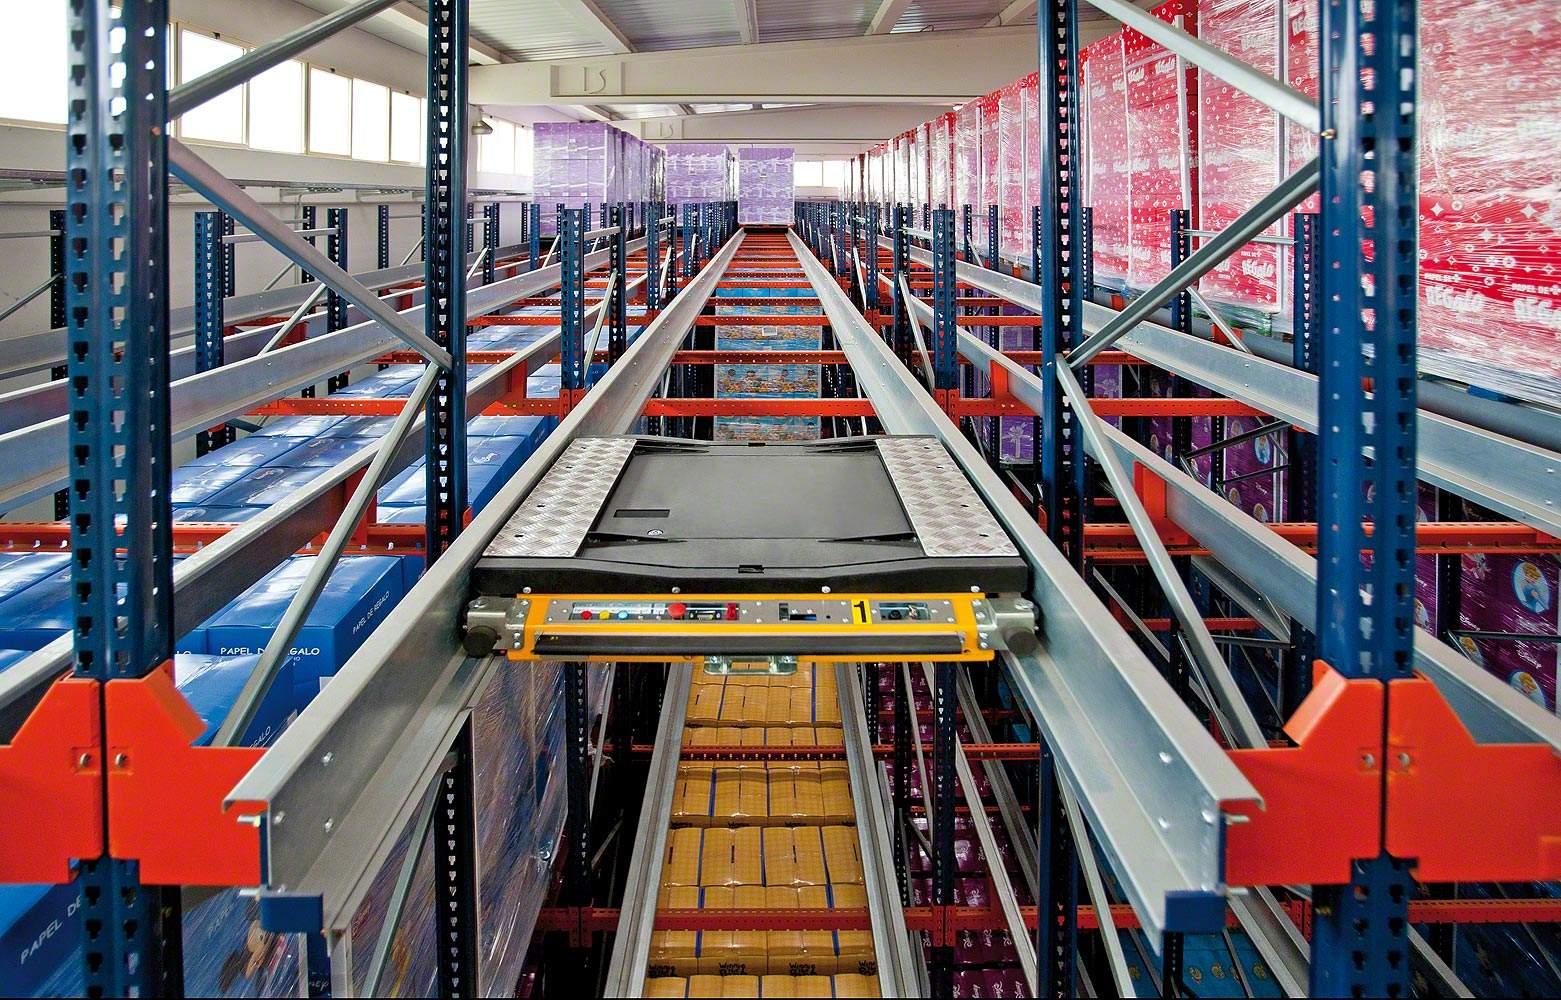 穿梭貨架工作原理效果和字母車配合倉庫作業